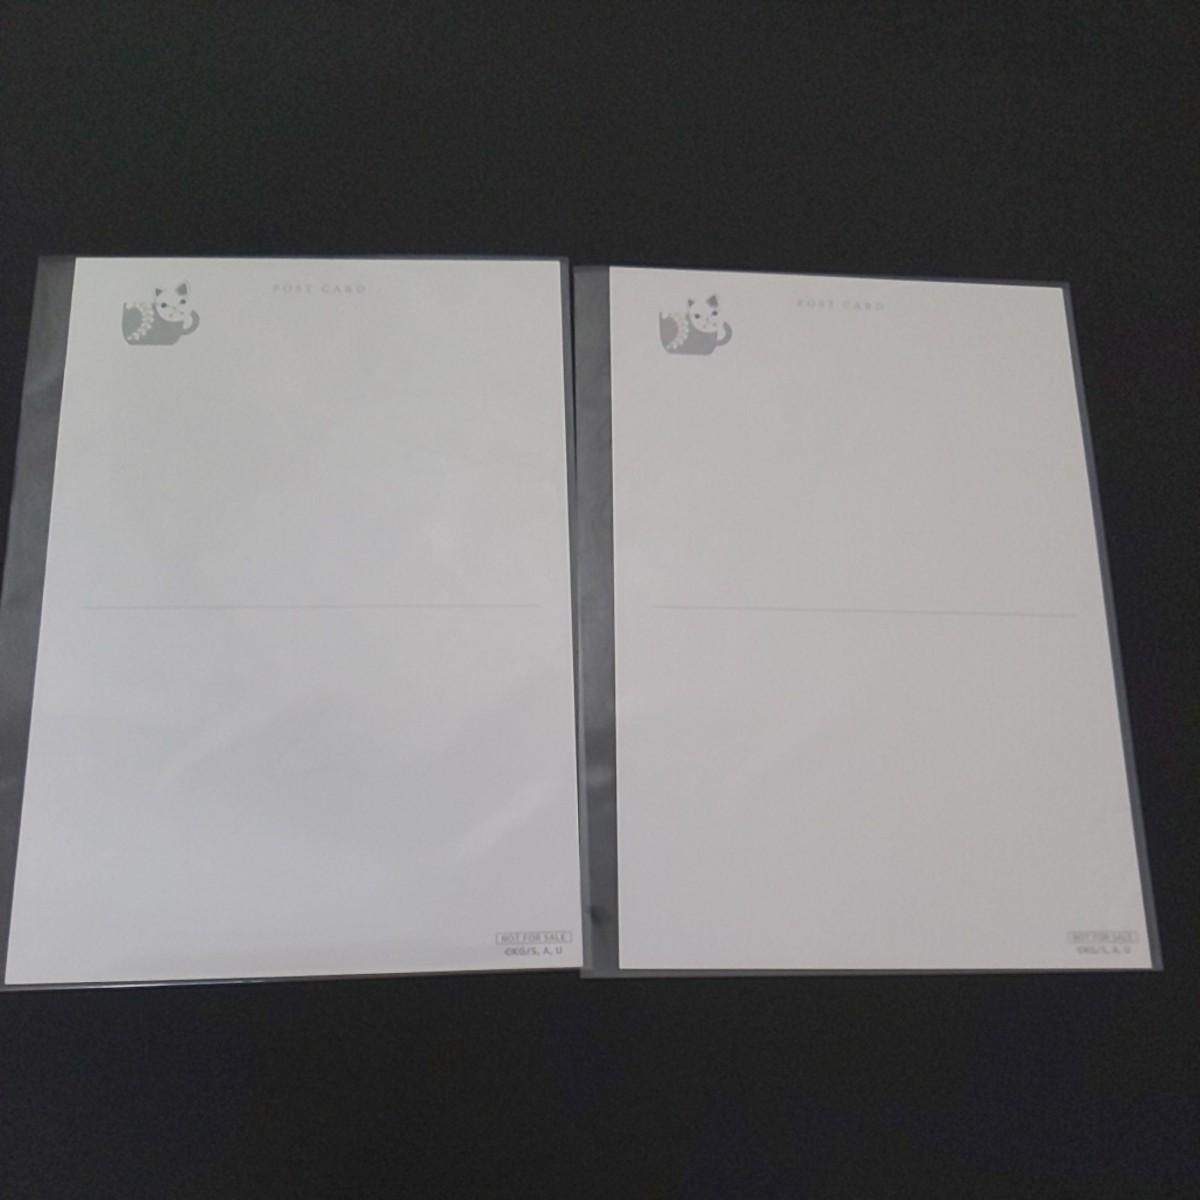 鬼滅の刃 我妻善逸 スイーツパラダイス 購入特典 ポストカード